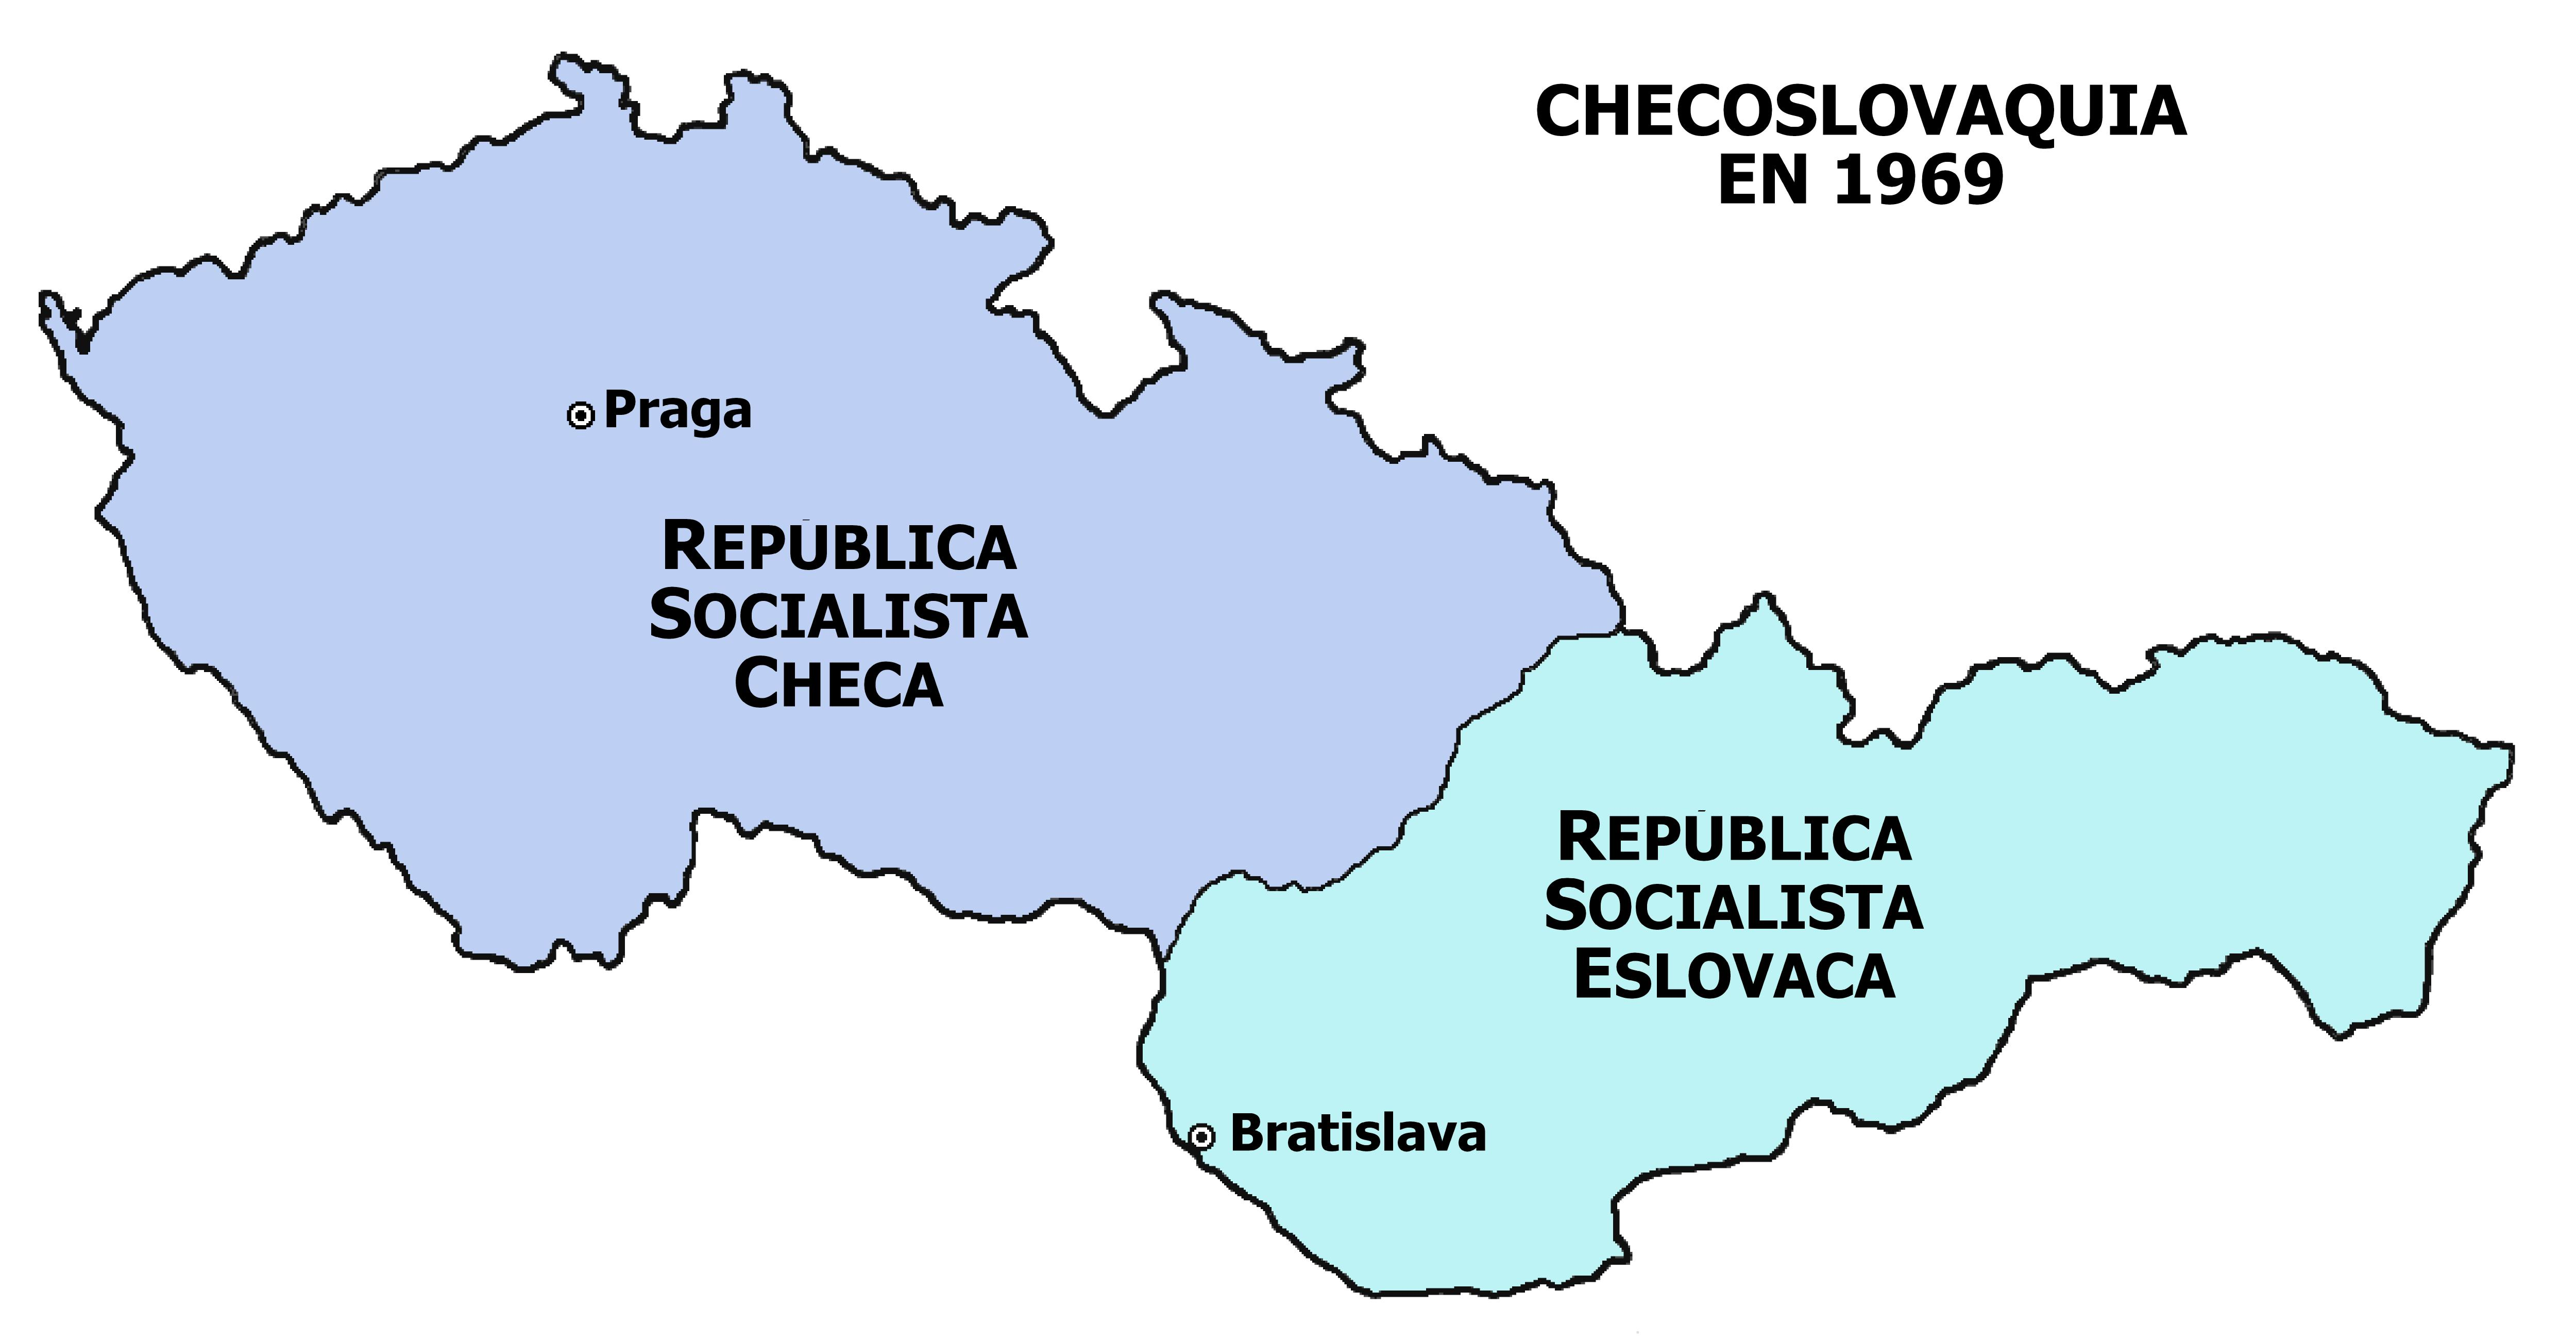 Archivomapa de checoslovaquiag wikipedia la enciclopedia libre archivomapa de checoslovaquiag gumiabroncs Image collections